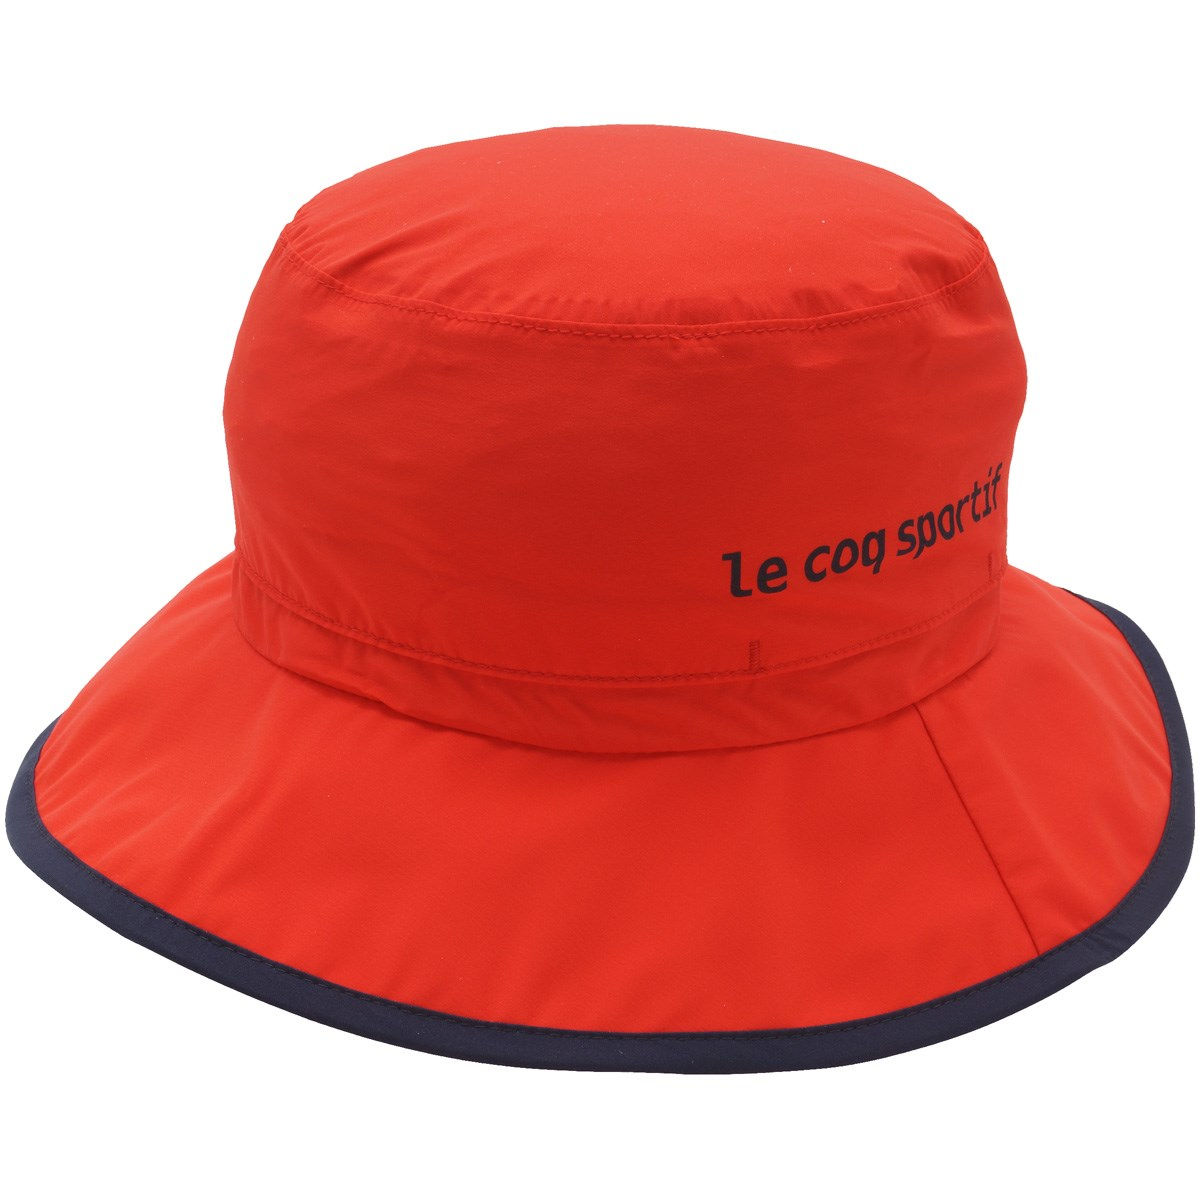 ルコックゴルフ Le coq sportif GOLF レインハット フリー レッド 00 レディス